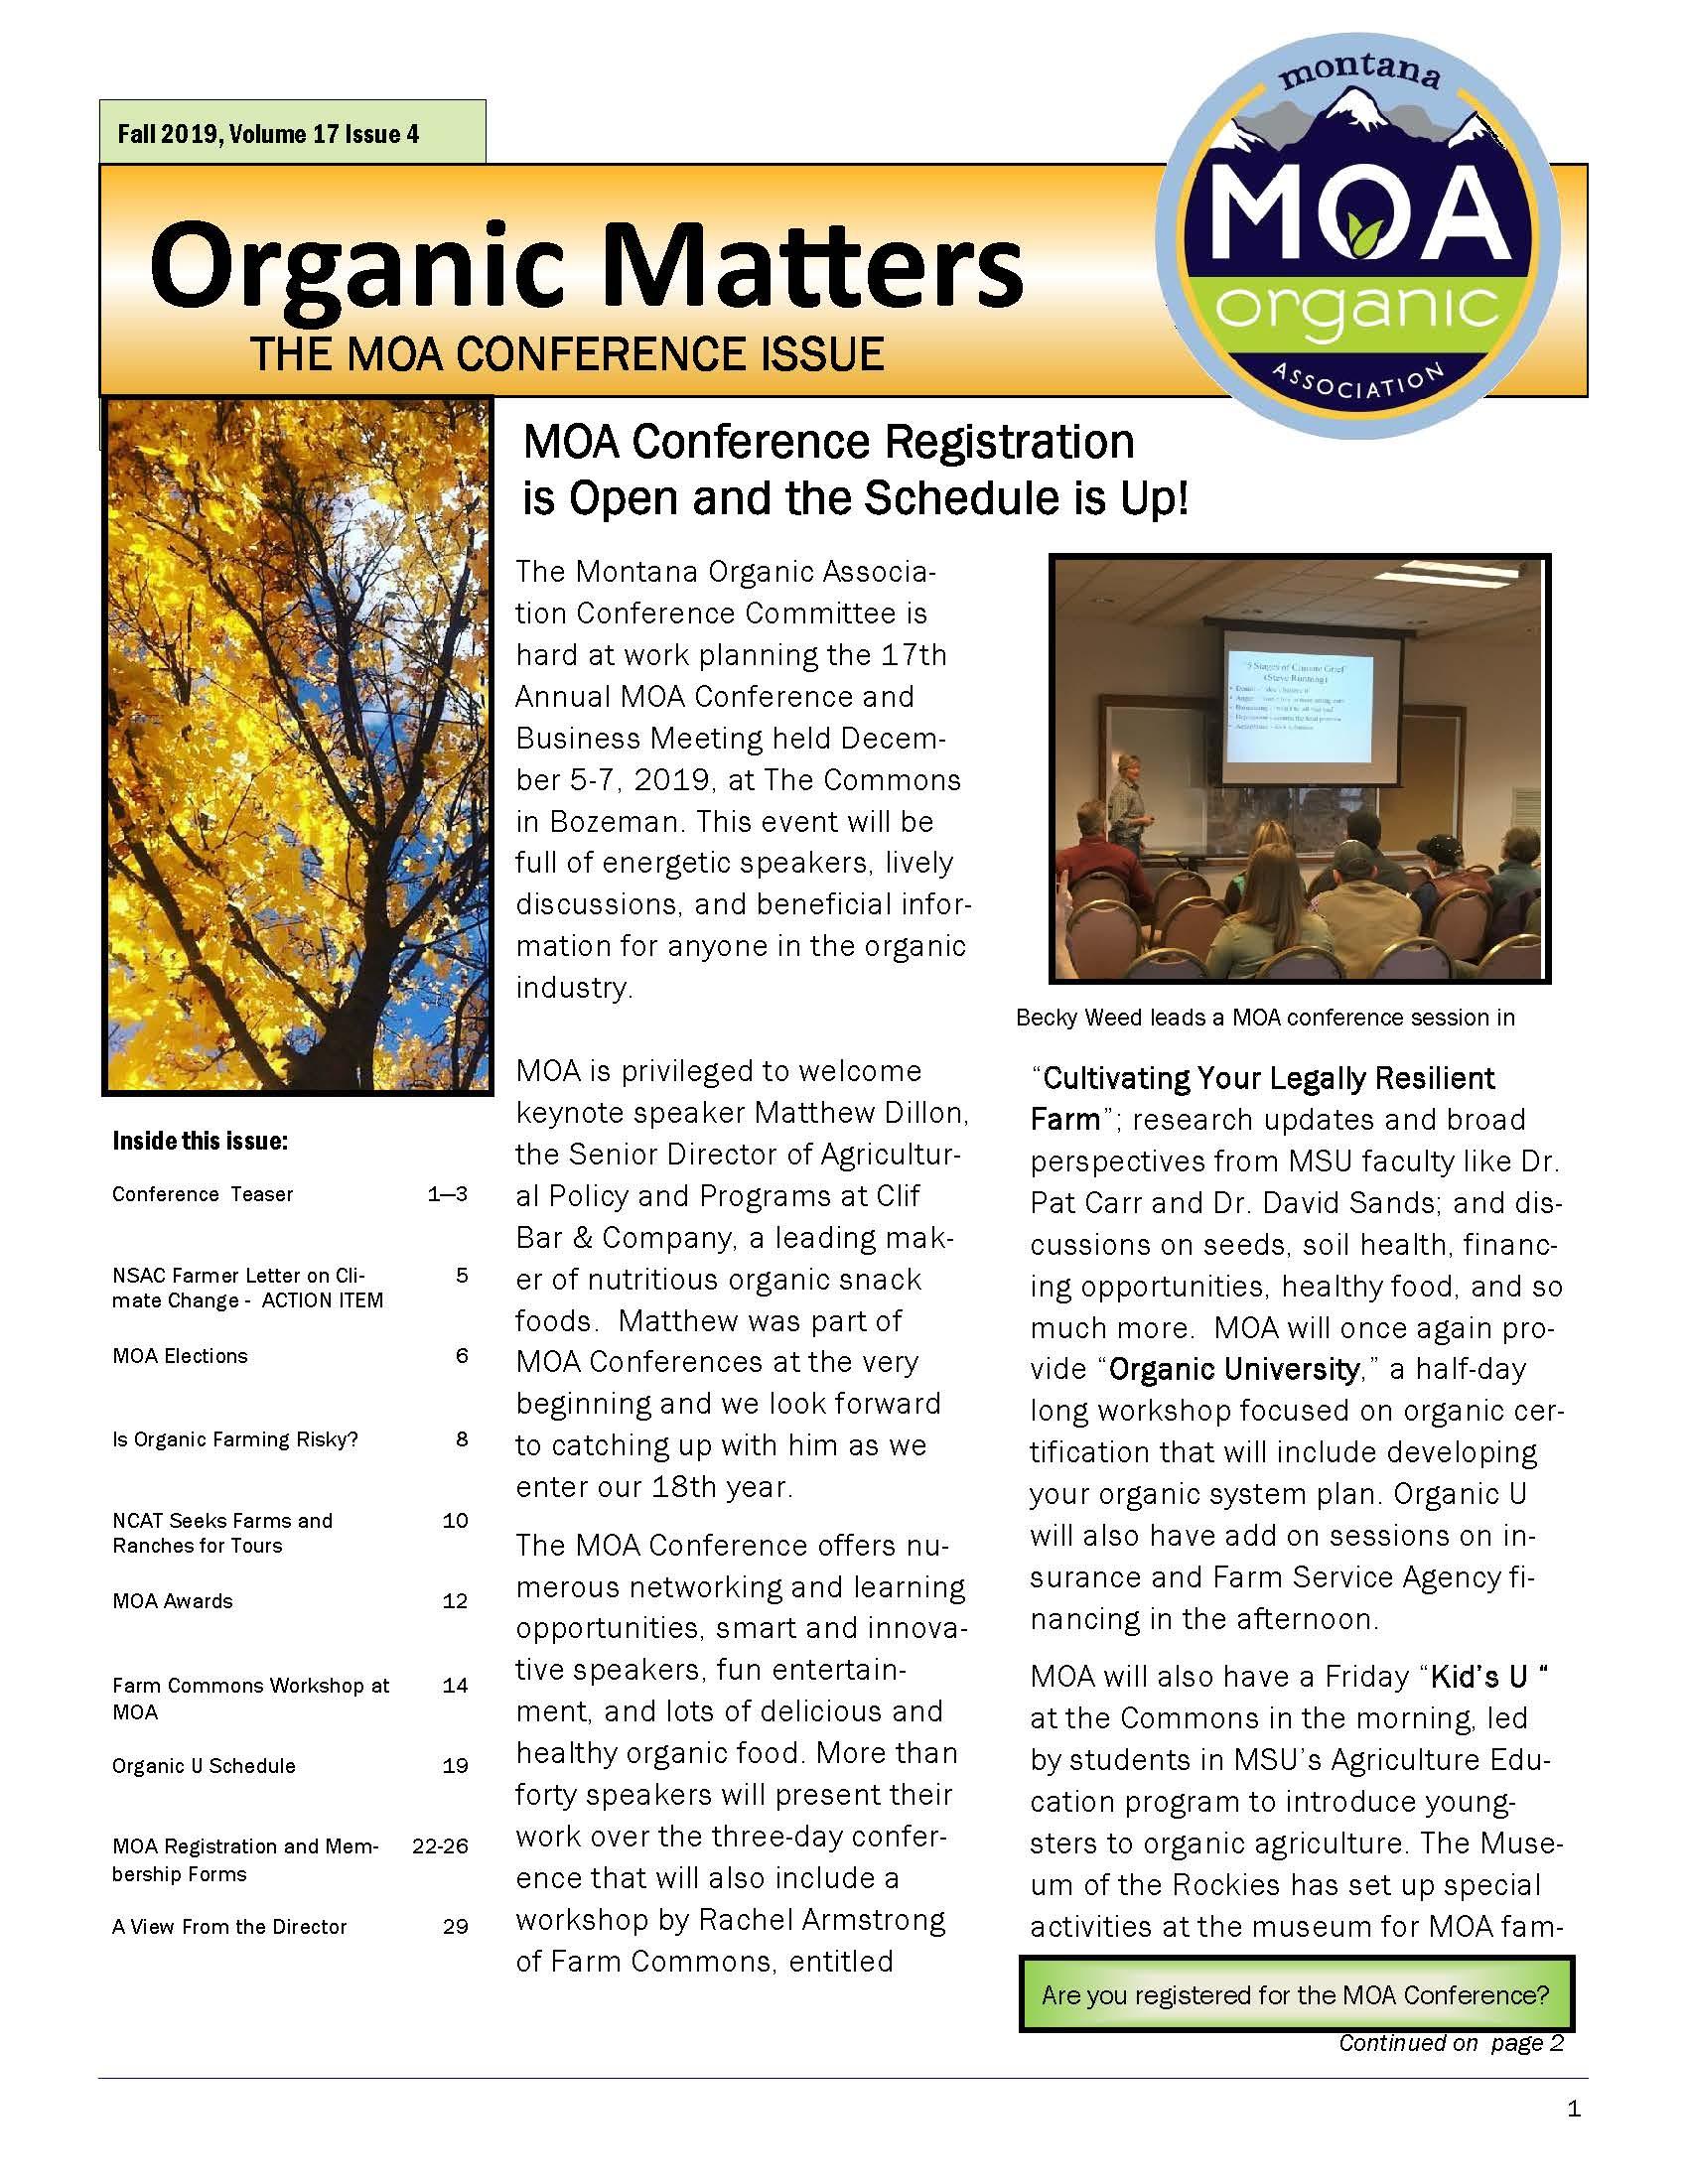 Organic Matters Fall 2019_Page_01